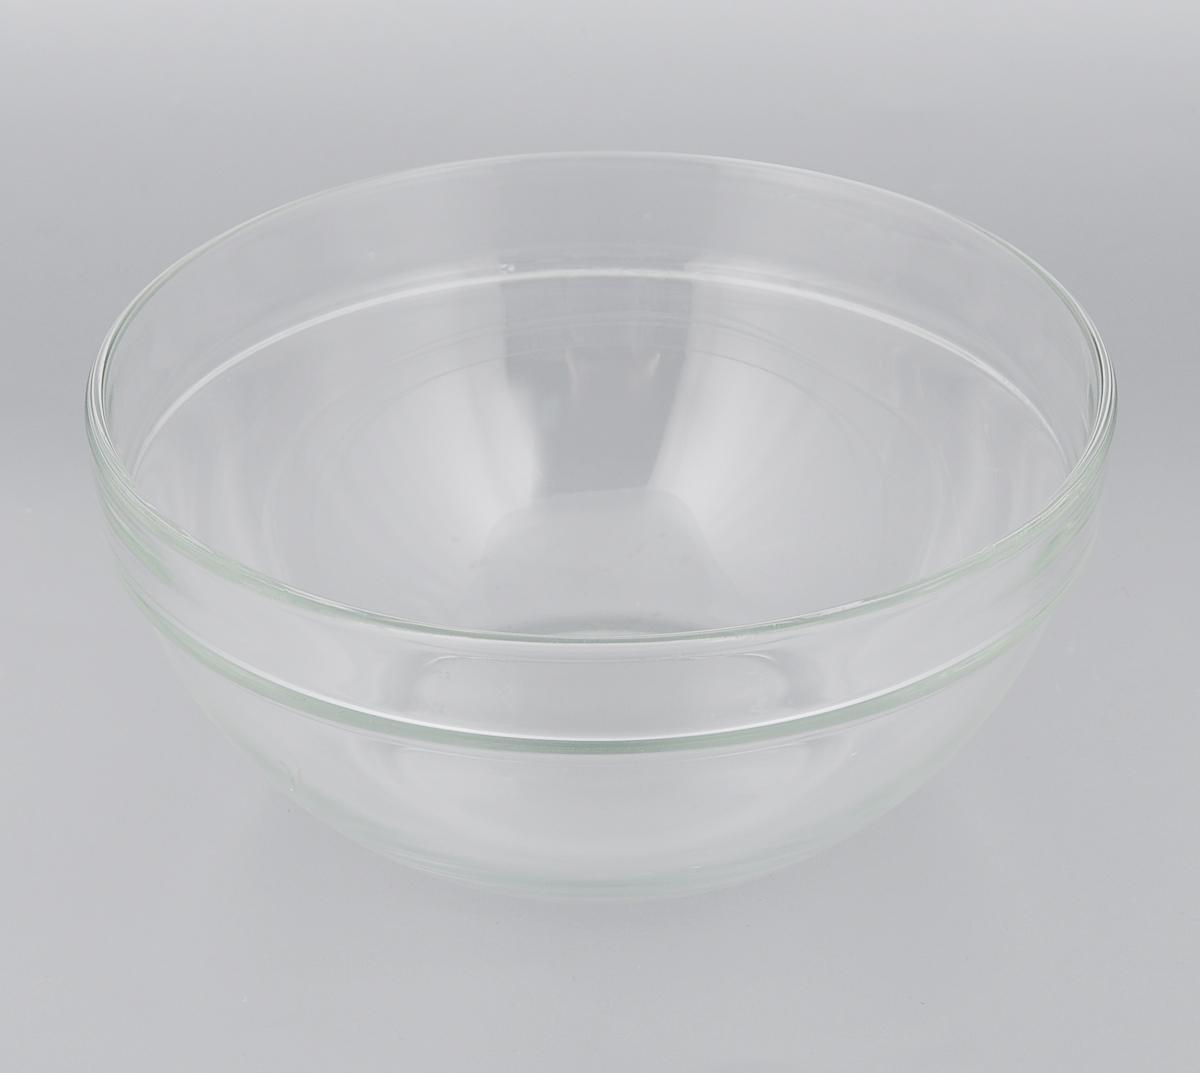 Салатник Luminarc Эмпилабль, диаметр 20 см. 7311273112Салатник Luminarc Эмпилабль выполнен из ударопрочного стекла. Изделие придется по вкусу и ценителям классики, и тем, кто предпочитает утонченность и изысканность. Салатник Luminarc Эмпилабль идеально подойдет для сервировки стола и станет отличным подарком к любому празднику. Диаметр (по верхнему краю): 20 см.